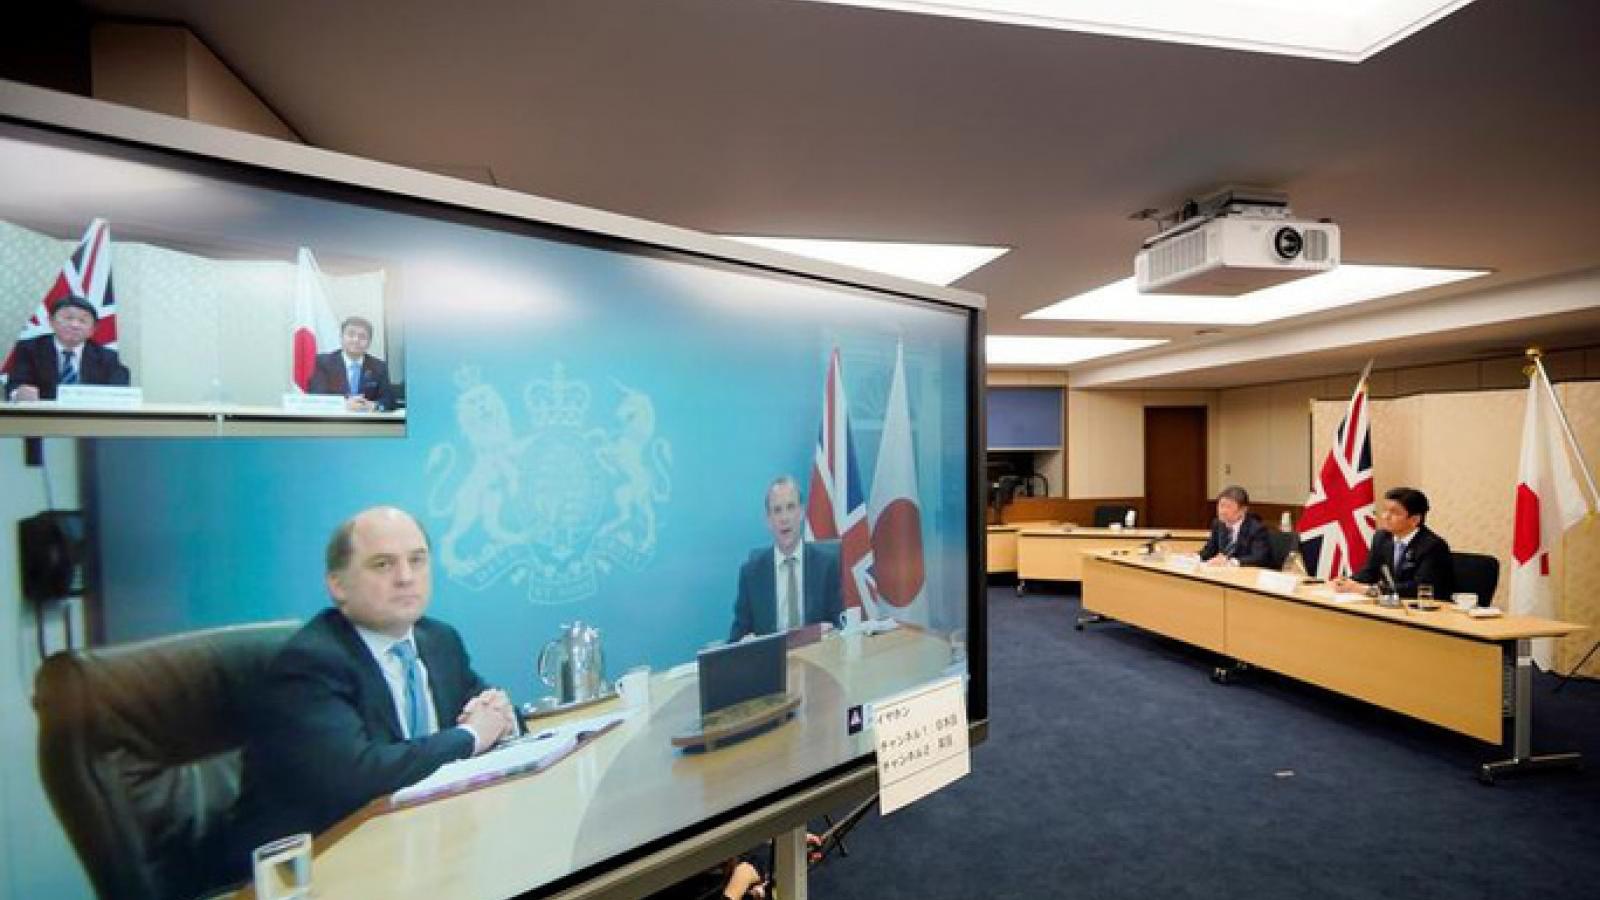 Nhật Bản, Anh bày tỏ quan ngại sâu sắc về tình hình Biển Đông và biển Hoa Đông